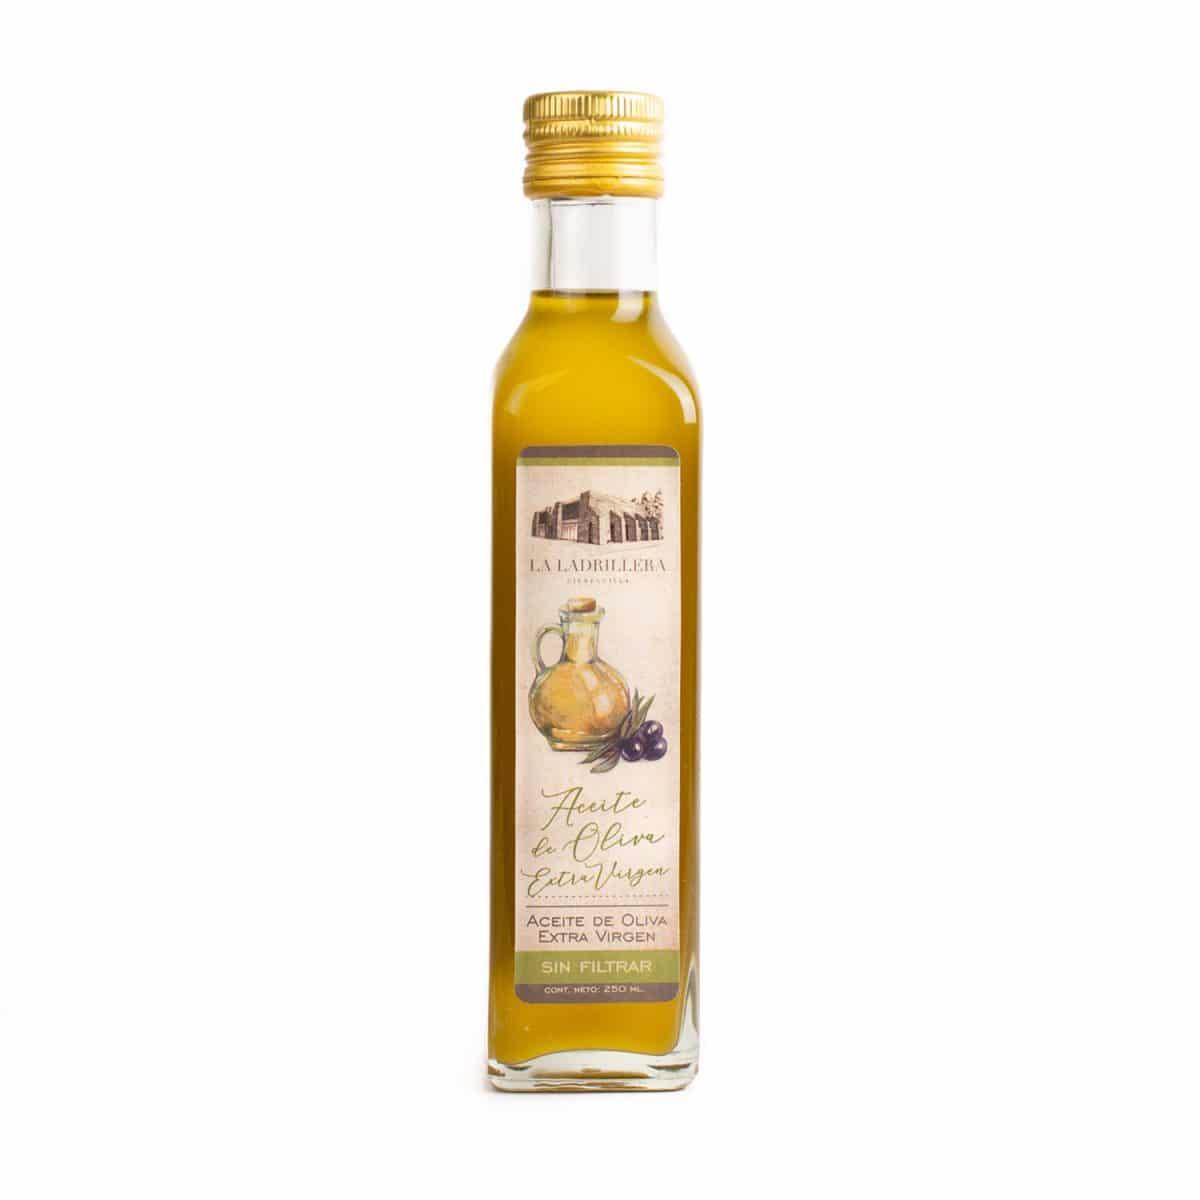 Aceite de Oliva Extra Virgen sin filtrar, 250 ml